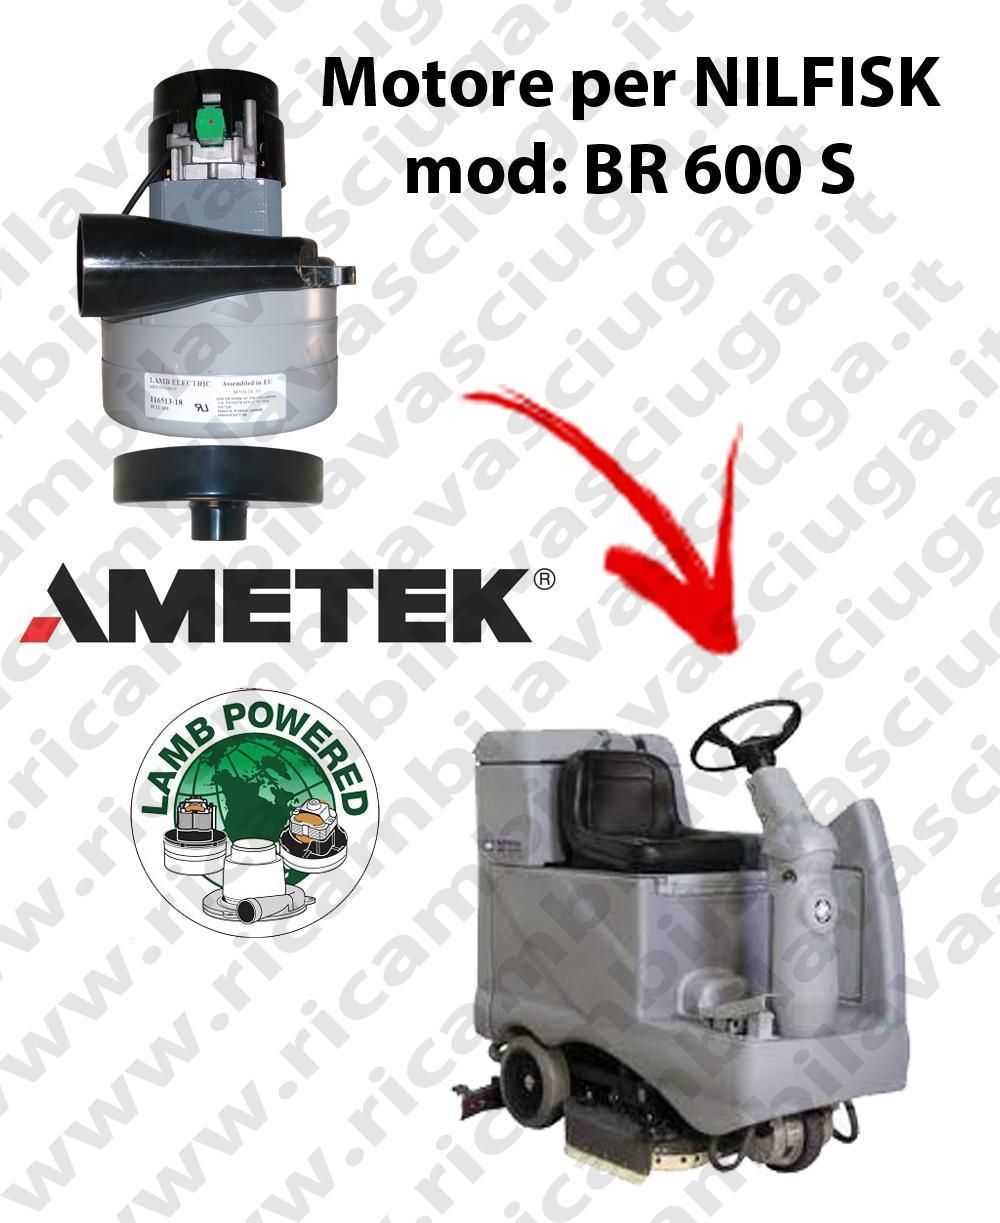 BR 600 S MOTEUR ASPIRATION LAMB AMETEK pour autolaveuses NILFISK